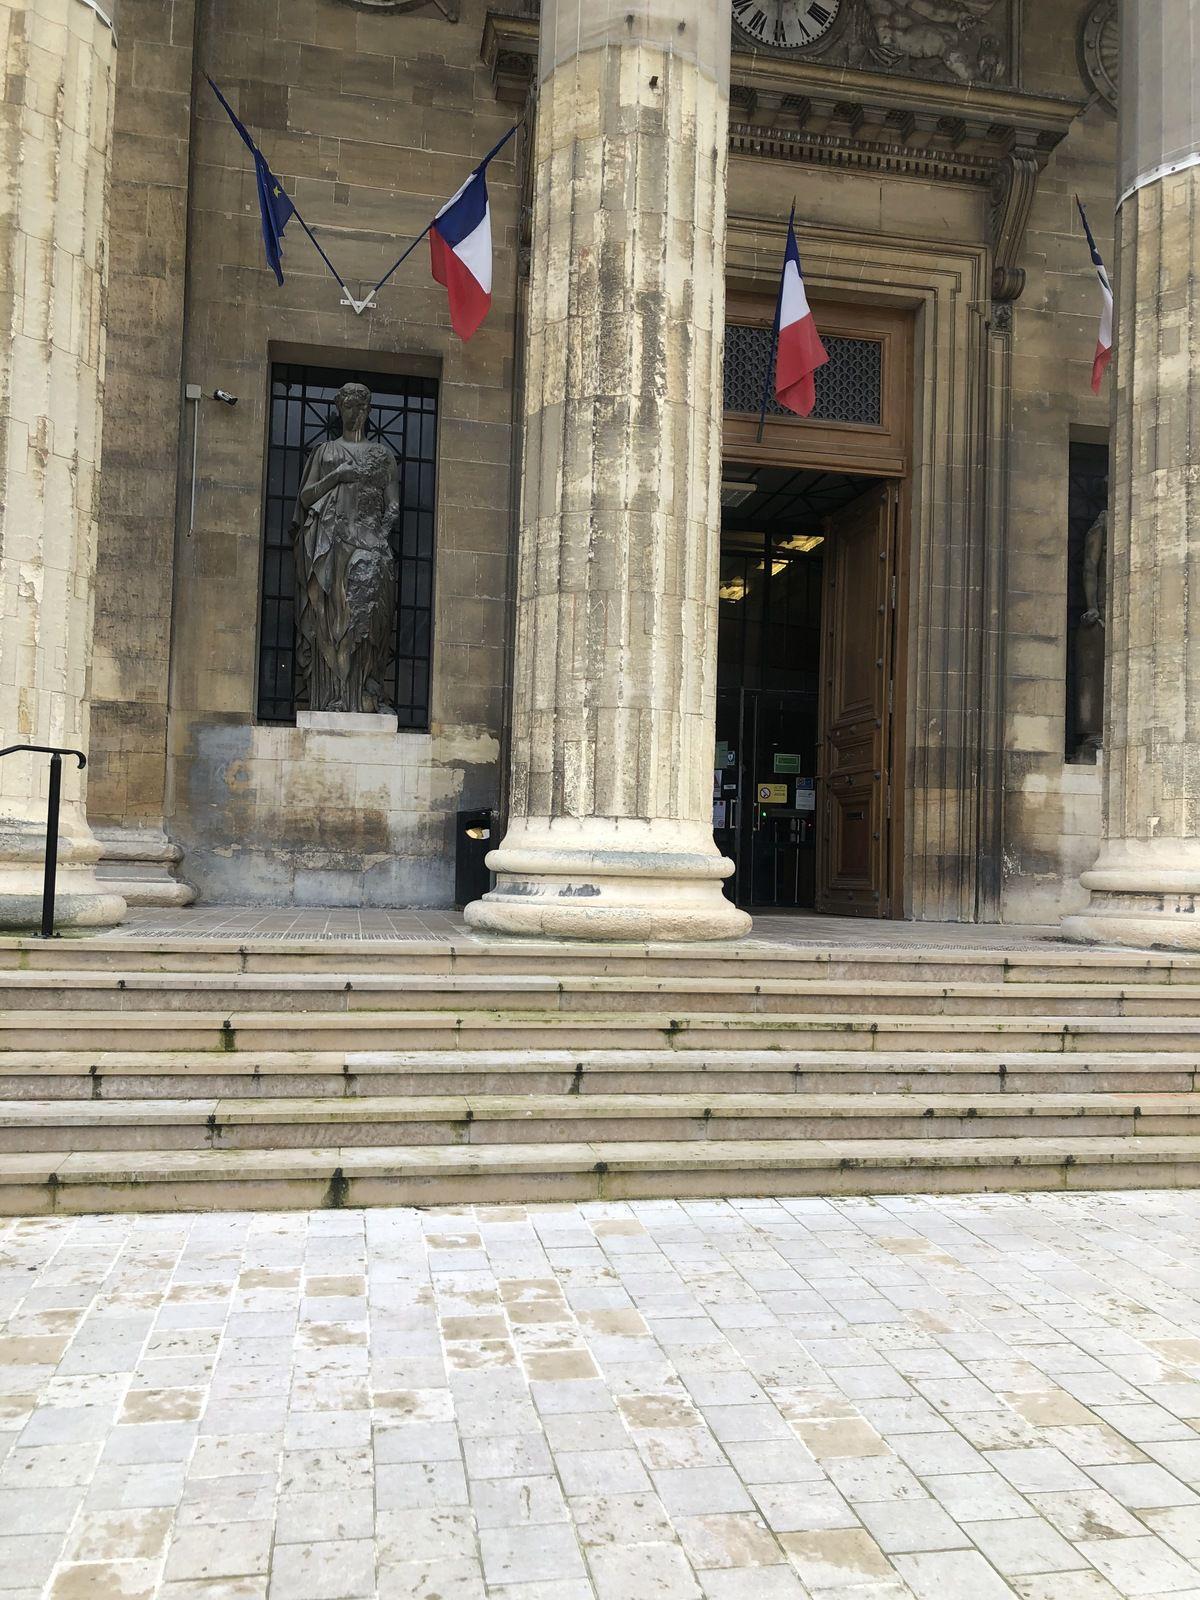 tribunal judiciaire de Reims